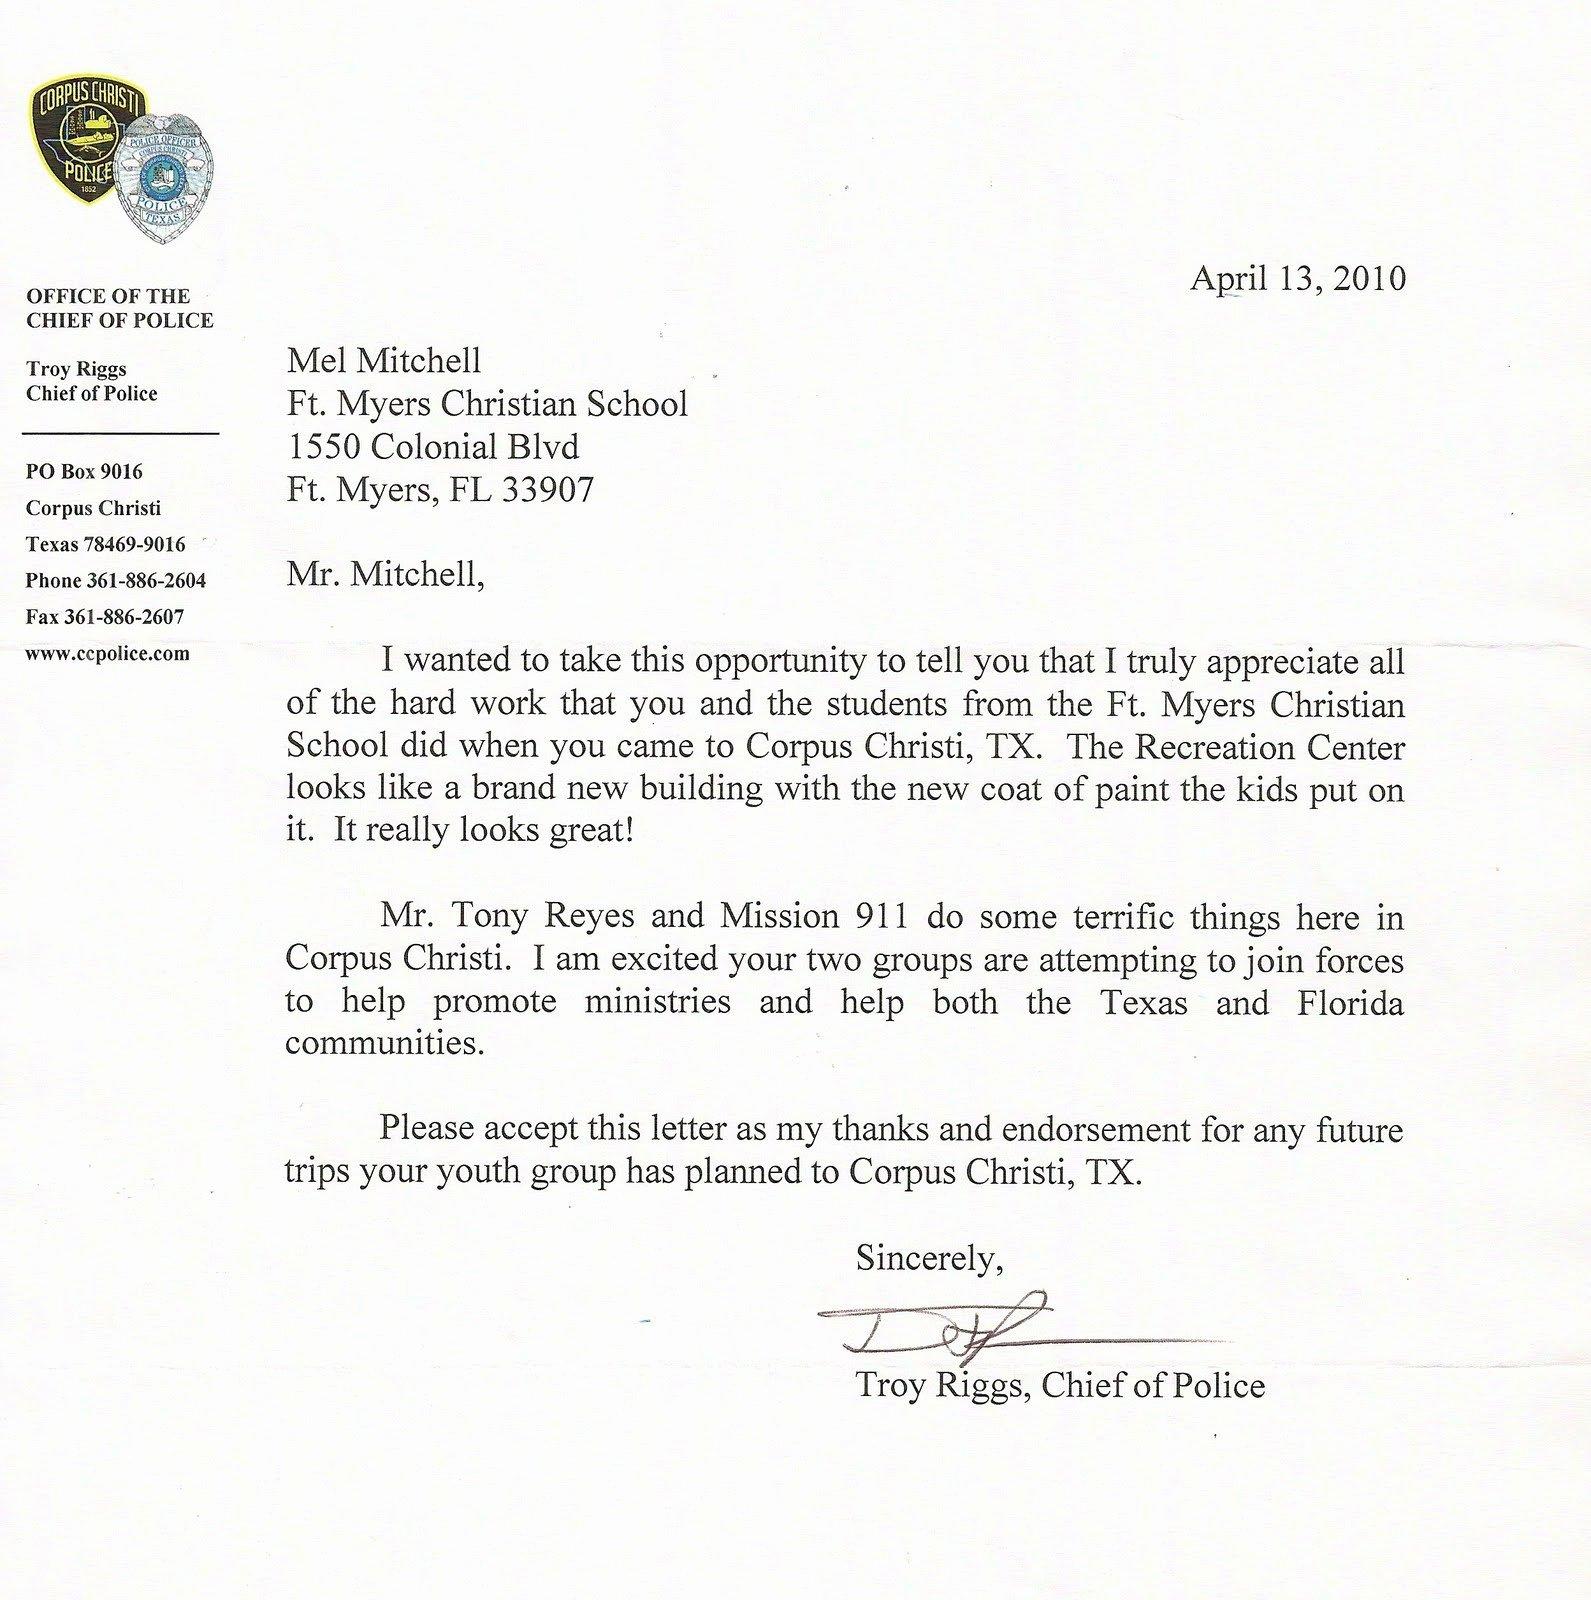 Sample Support Letter for Mission Trip Elegant Fmcs 2018 Missions Trip April 2010